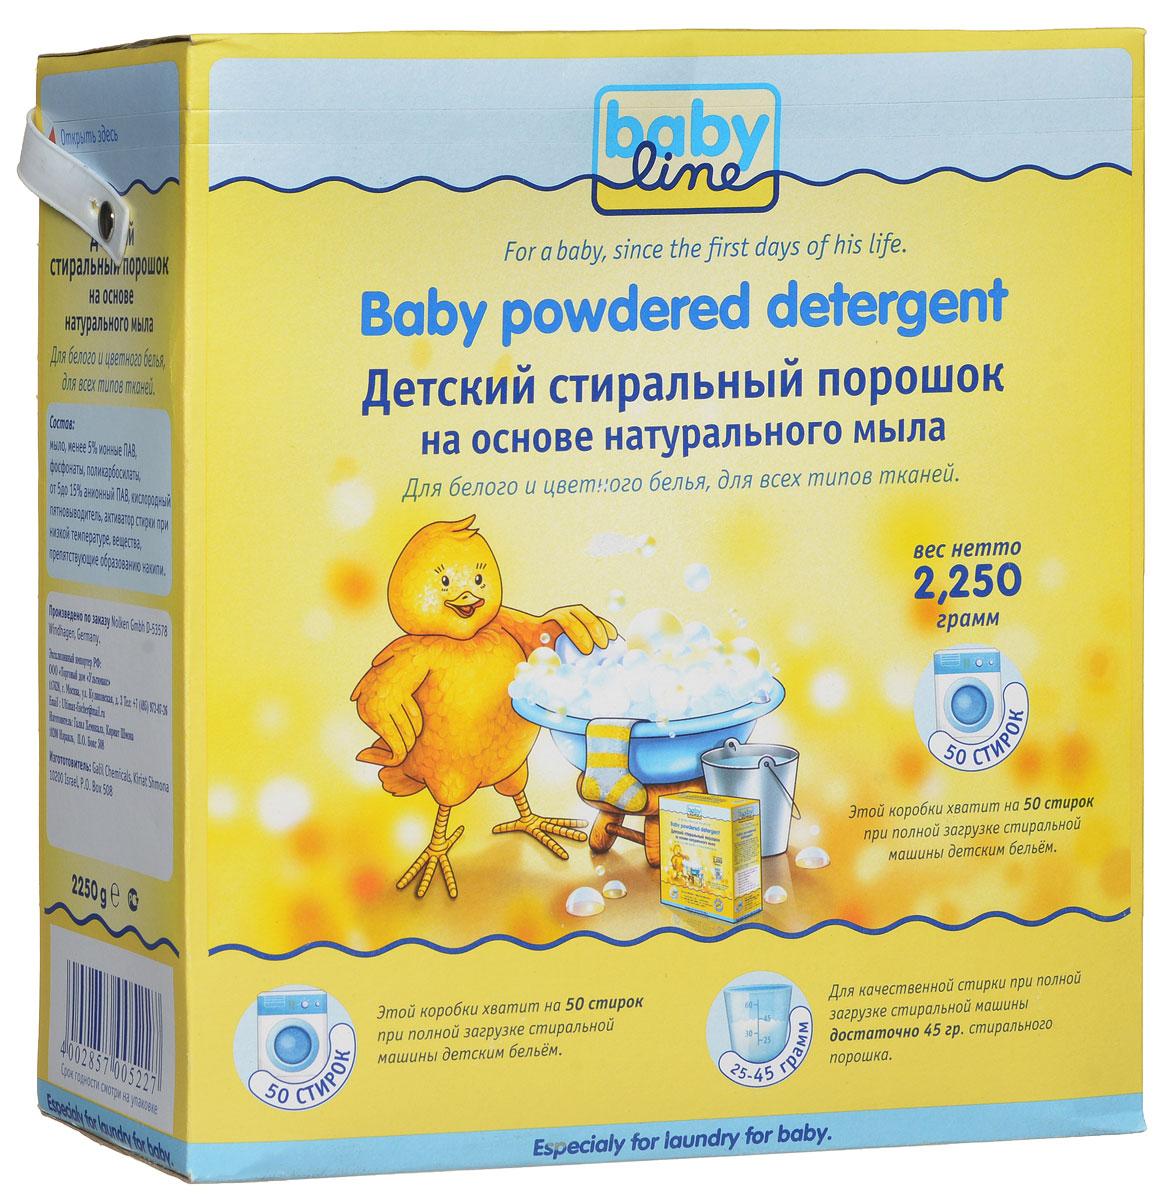 BabyLine детский стиральный порошок, 2250 гDB002Детский стиральный порошок Babyline на основе натурального мыла предназначен специально для стирки детского белья с первых дней жизни ребенка. Стиральный порошок клинически протестирован и не вызывает аллергии и раздражений чувствительной детской кожи. Входящие в состав компоненты на основе натурального мыла легко справляются с специфическими загрязнениями от жизнедеятельности ребенка. Основные особенности порошка: удаляет все пятна,бережно относится к ткани,бережно относиться к цветным вещам,на содержит энзимов и хлора,предназначен для всех типов ткани,защищает стиральную машину от накипи.Состав:мыло, менее 5% ионные ПАВ, фосфонаты, поликарбоксилаты, от 5% до 15% анионные ПАВ, кислородный пятновыводитель, активатор стирки при низкой температуре, вещества, препятствующие образованию накипи.Товар сертифицирован.